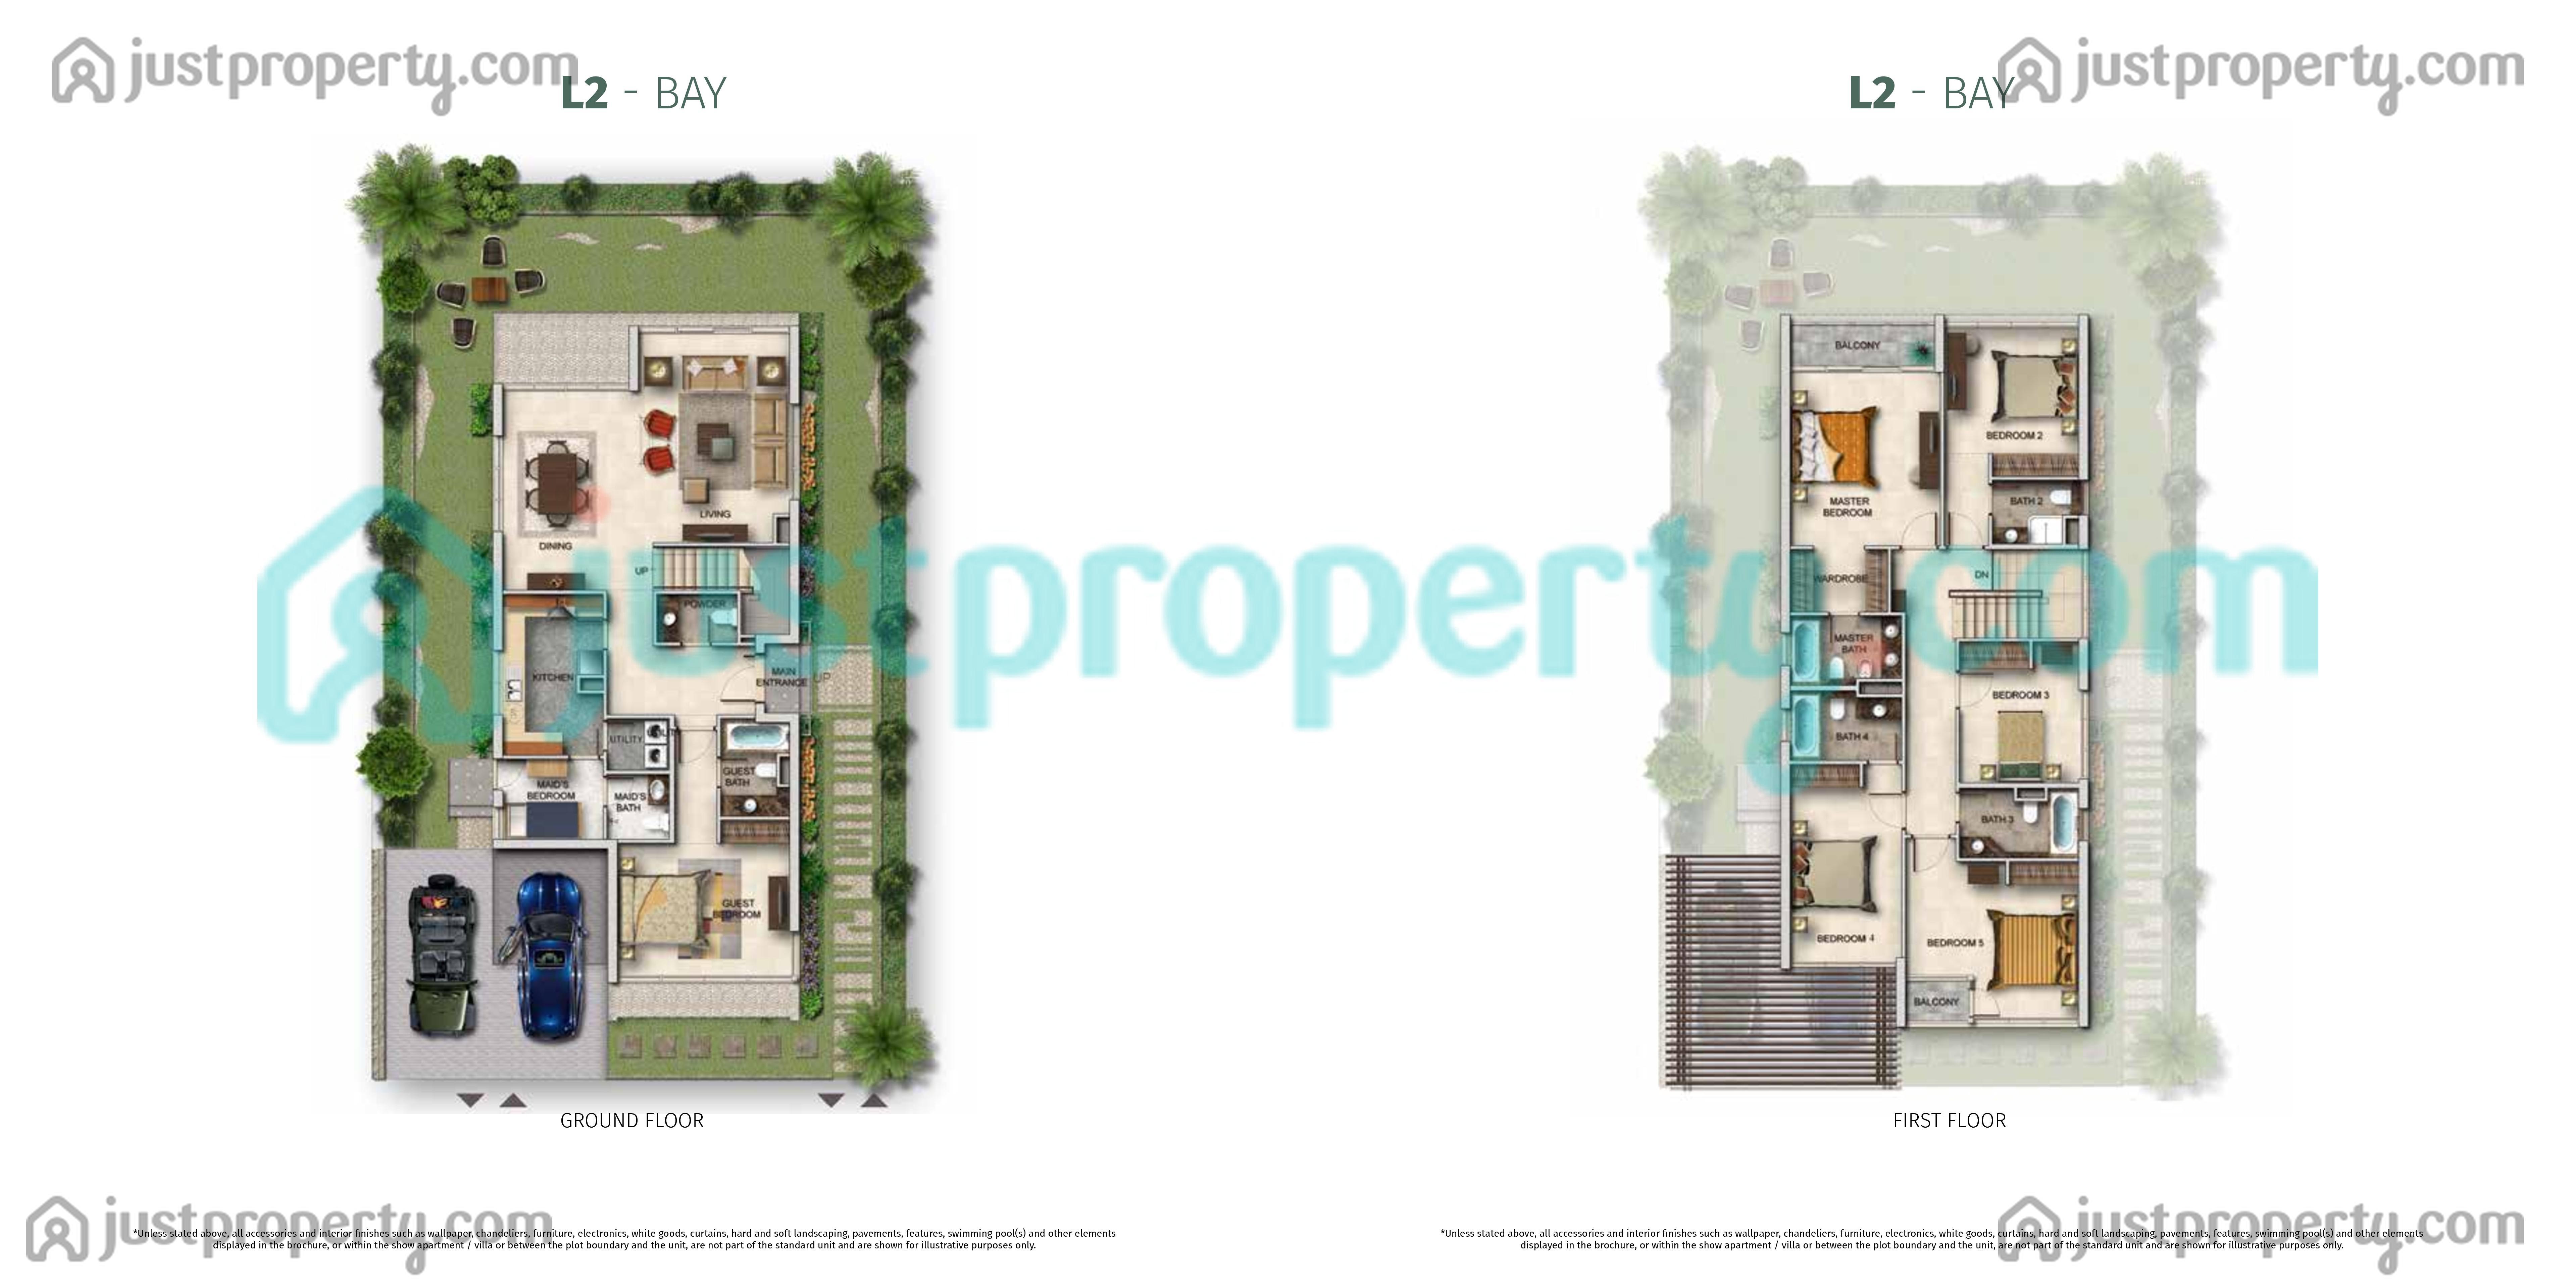 Floor Plans For Nova Hotel Villas